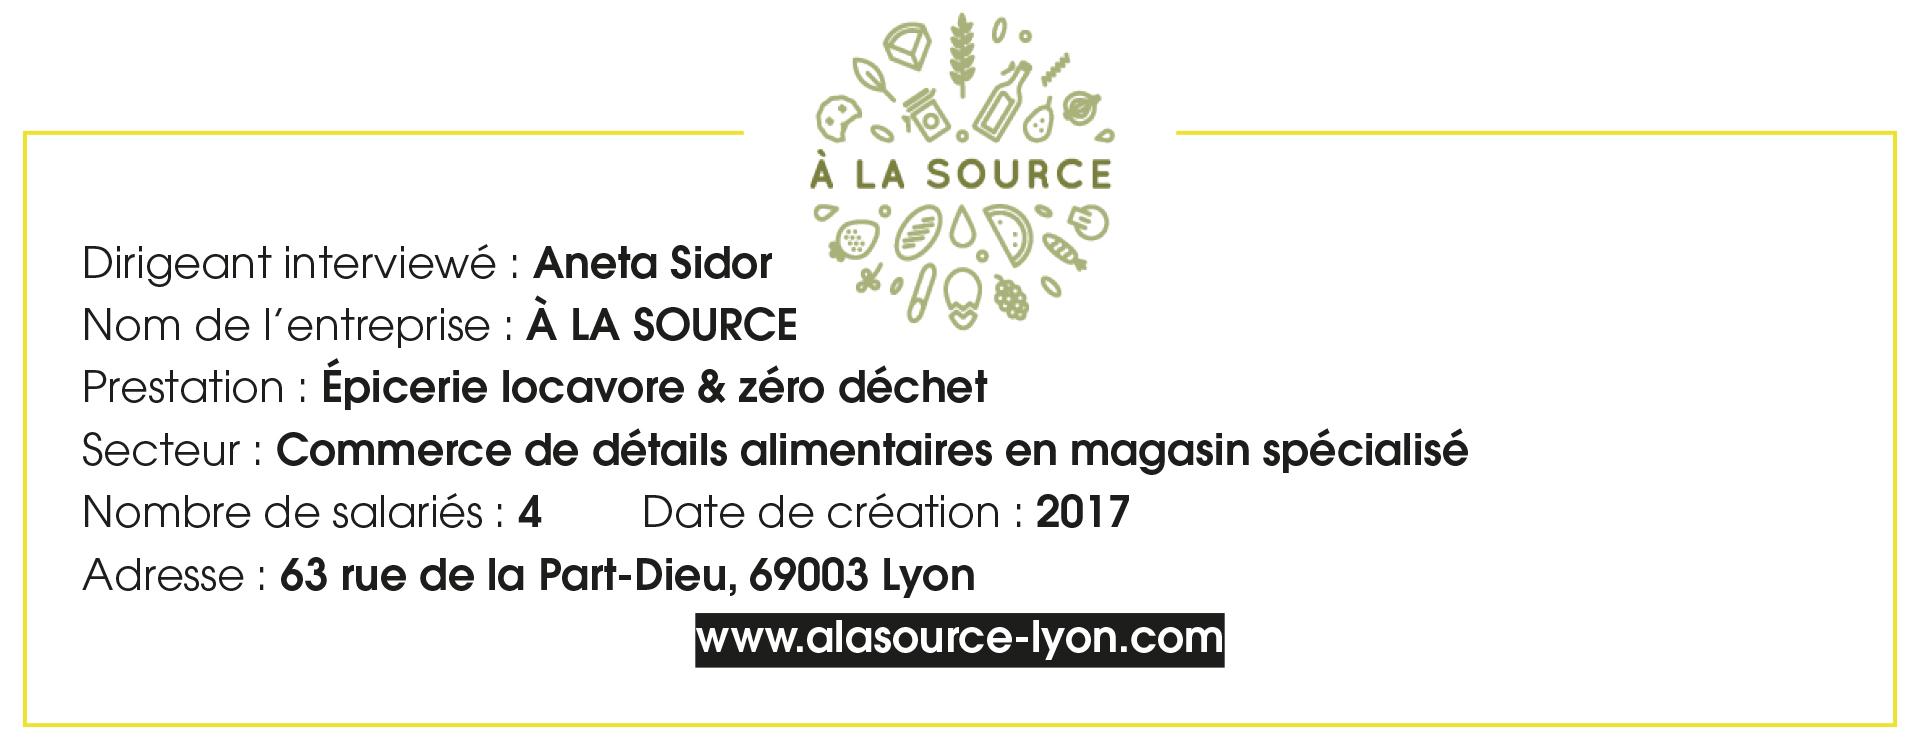 Fiche Entreprise À la source - Aneta Sidor